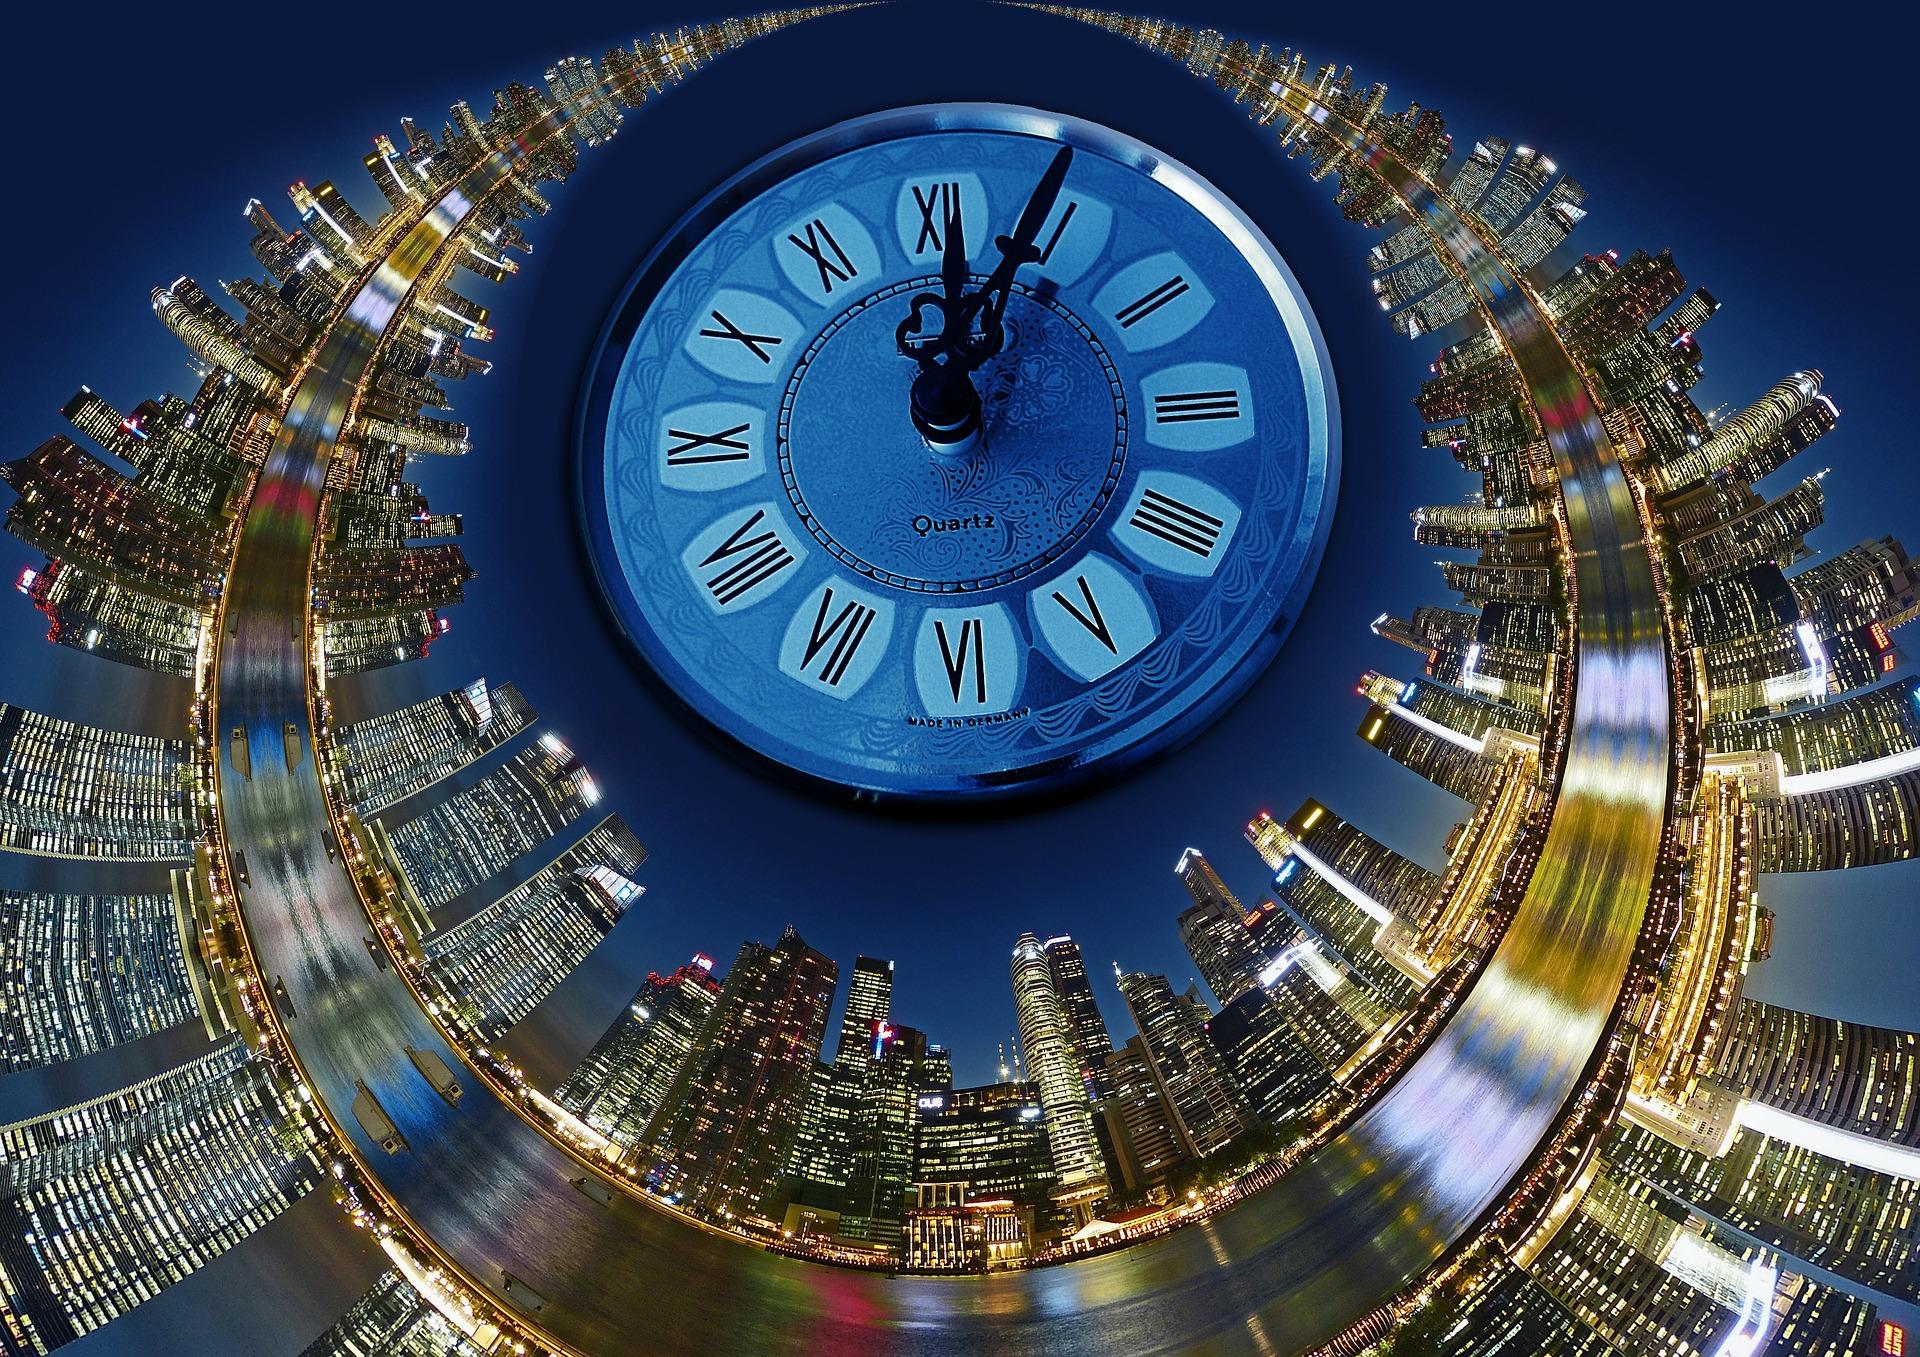 """""""Warten wir noch fünf Minuten"""" – warum auf die Unpünktlichen warten? Bildquelle: pixabay/geralt"""